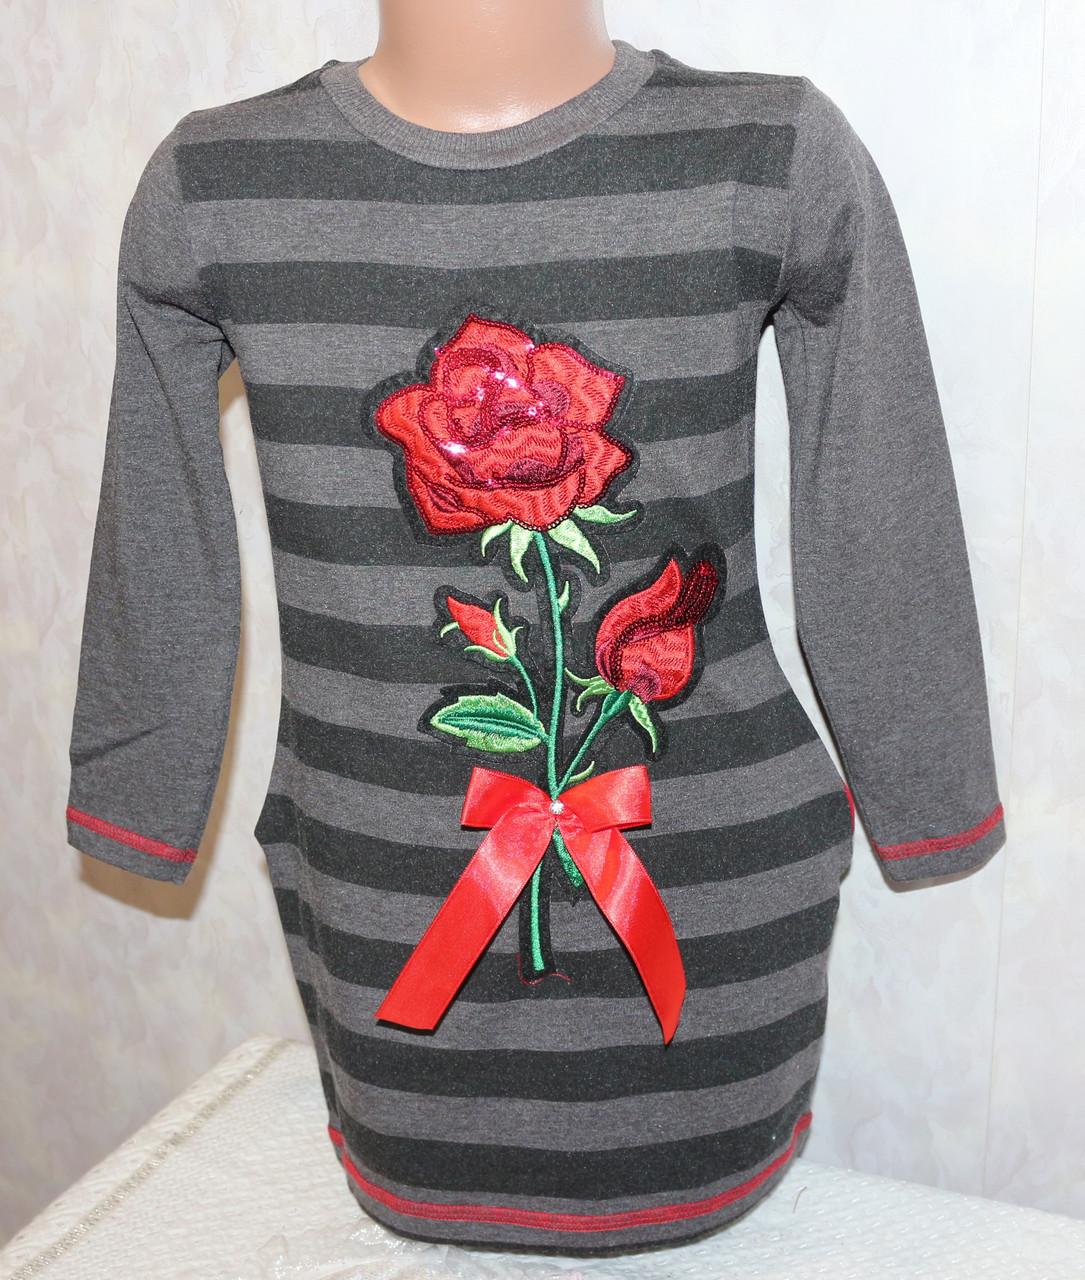 Детская одежда низкие цены! Туника-платье  на девочку  110,116,122,128 см